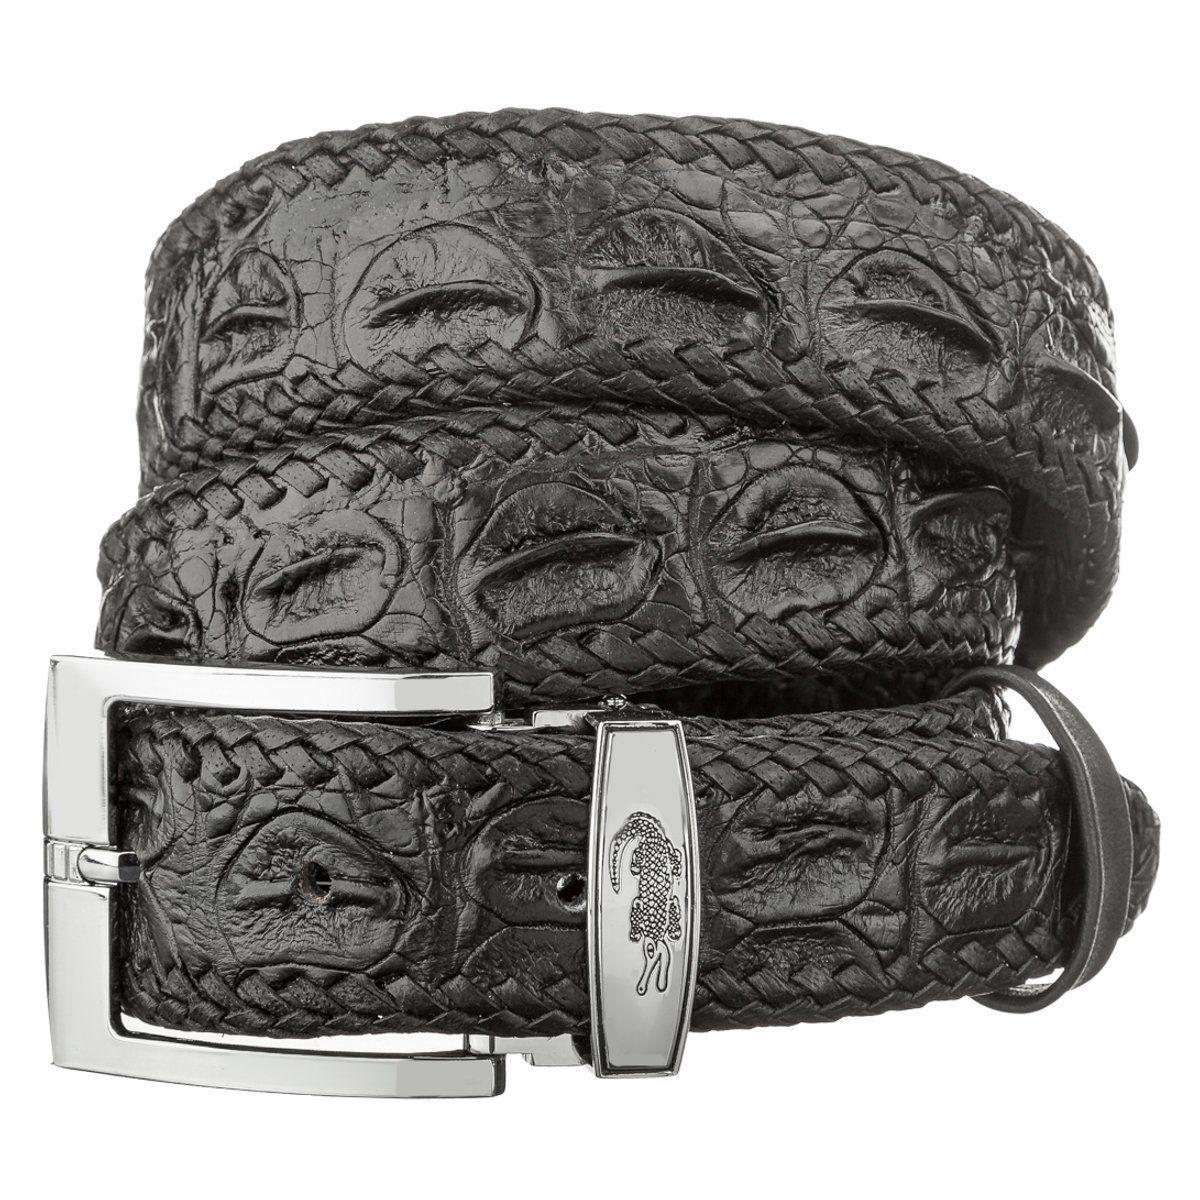 Ремень Crocodile Leather 18601 Из Натуральной Кожи Крокодила Черный, Черный